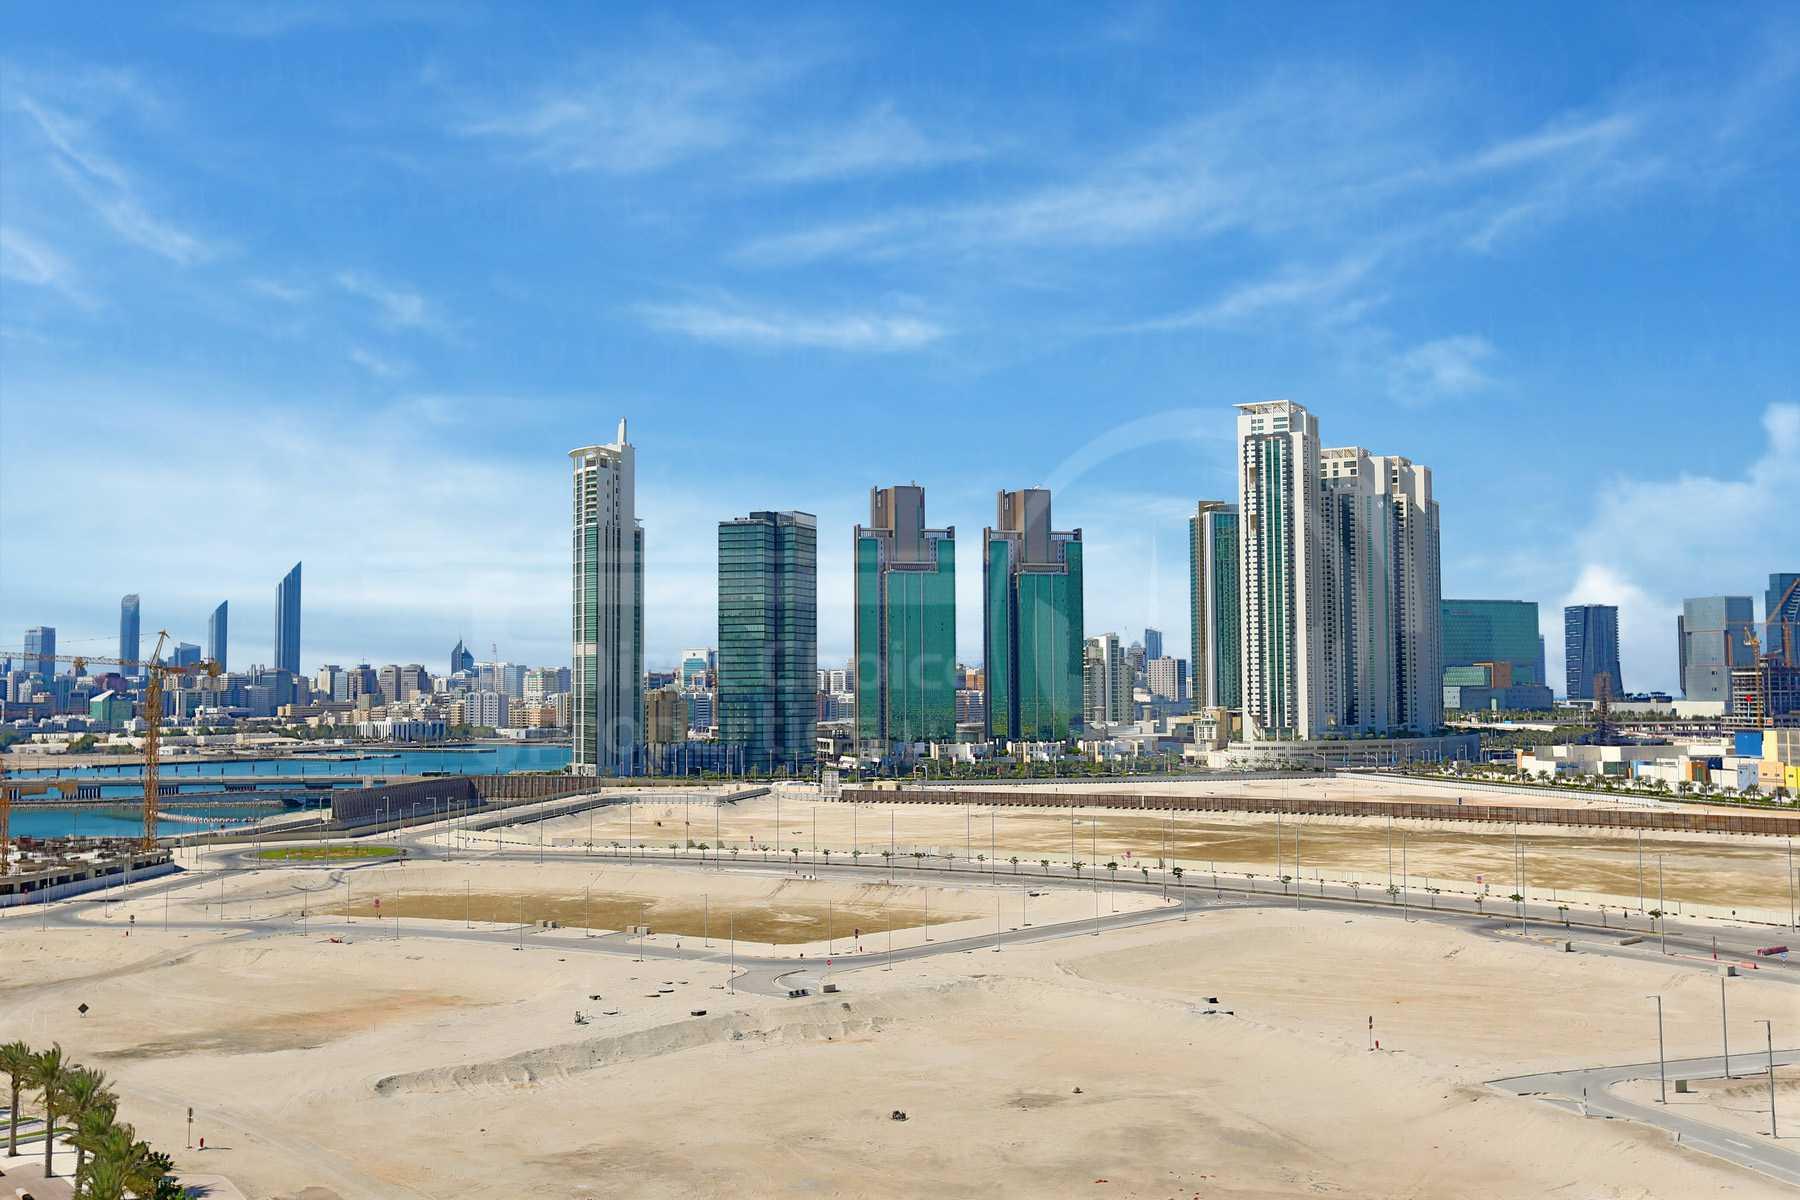 Studio - 1BR - 2BR - 3BR - 4BR Apartment - Abu Dhabi - UAE - Al Reem Island - Marina Square - Outside View (16).jpg